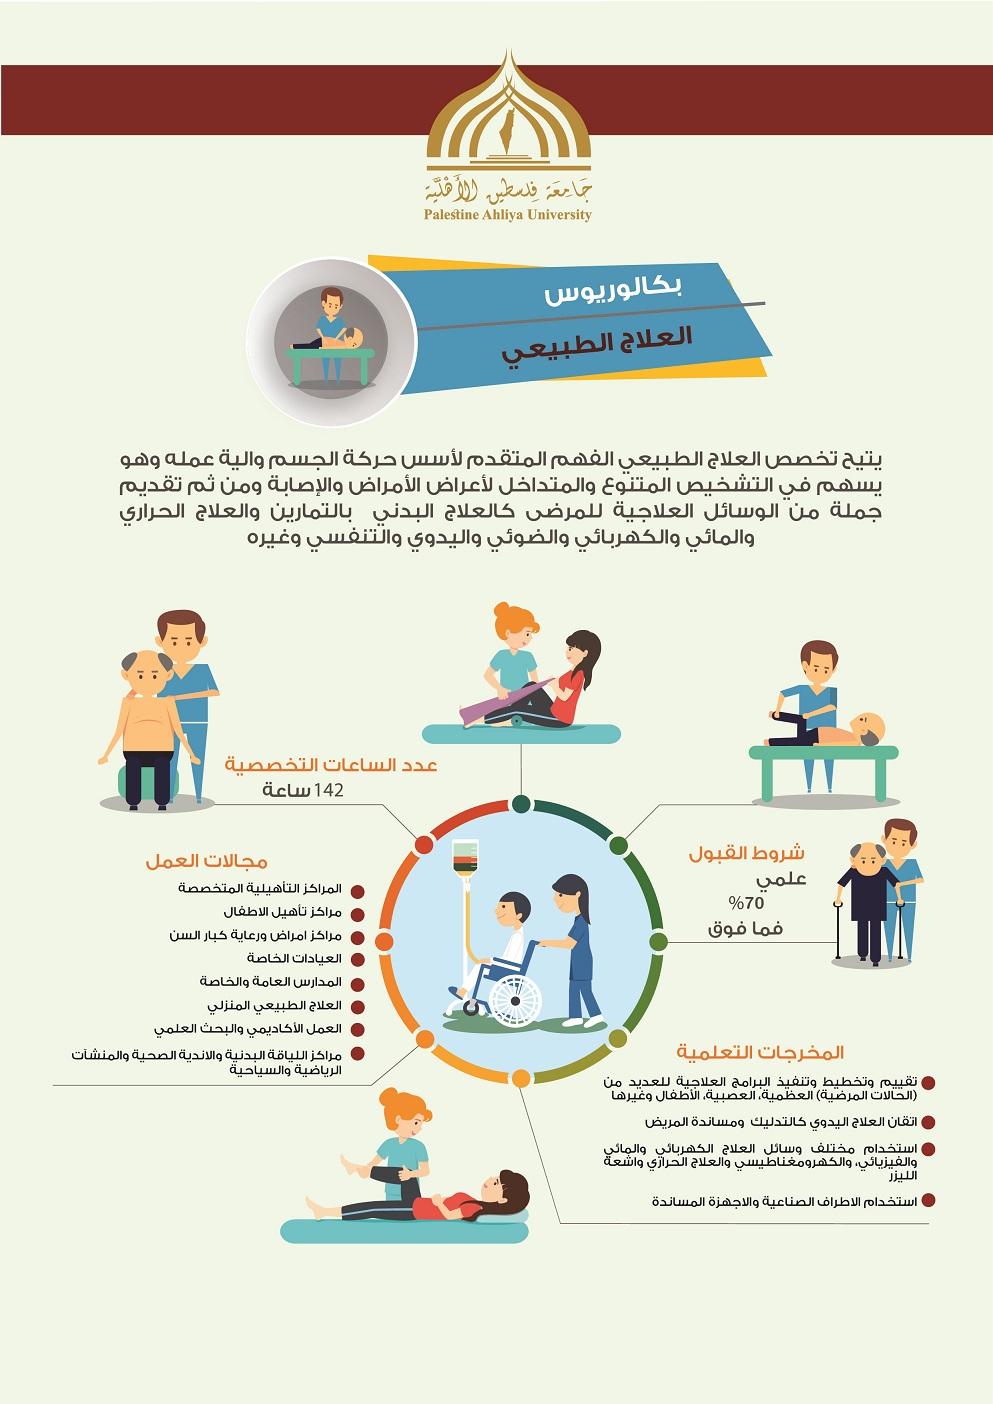 الطبيعي - برنامج العلاج الطبيعي